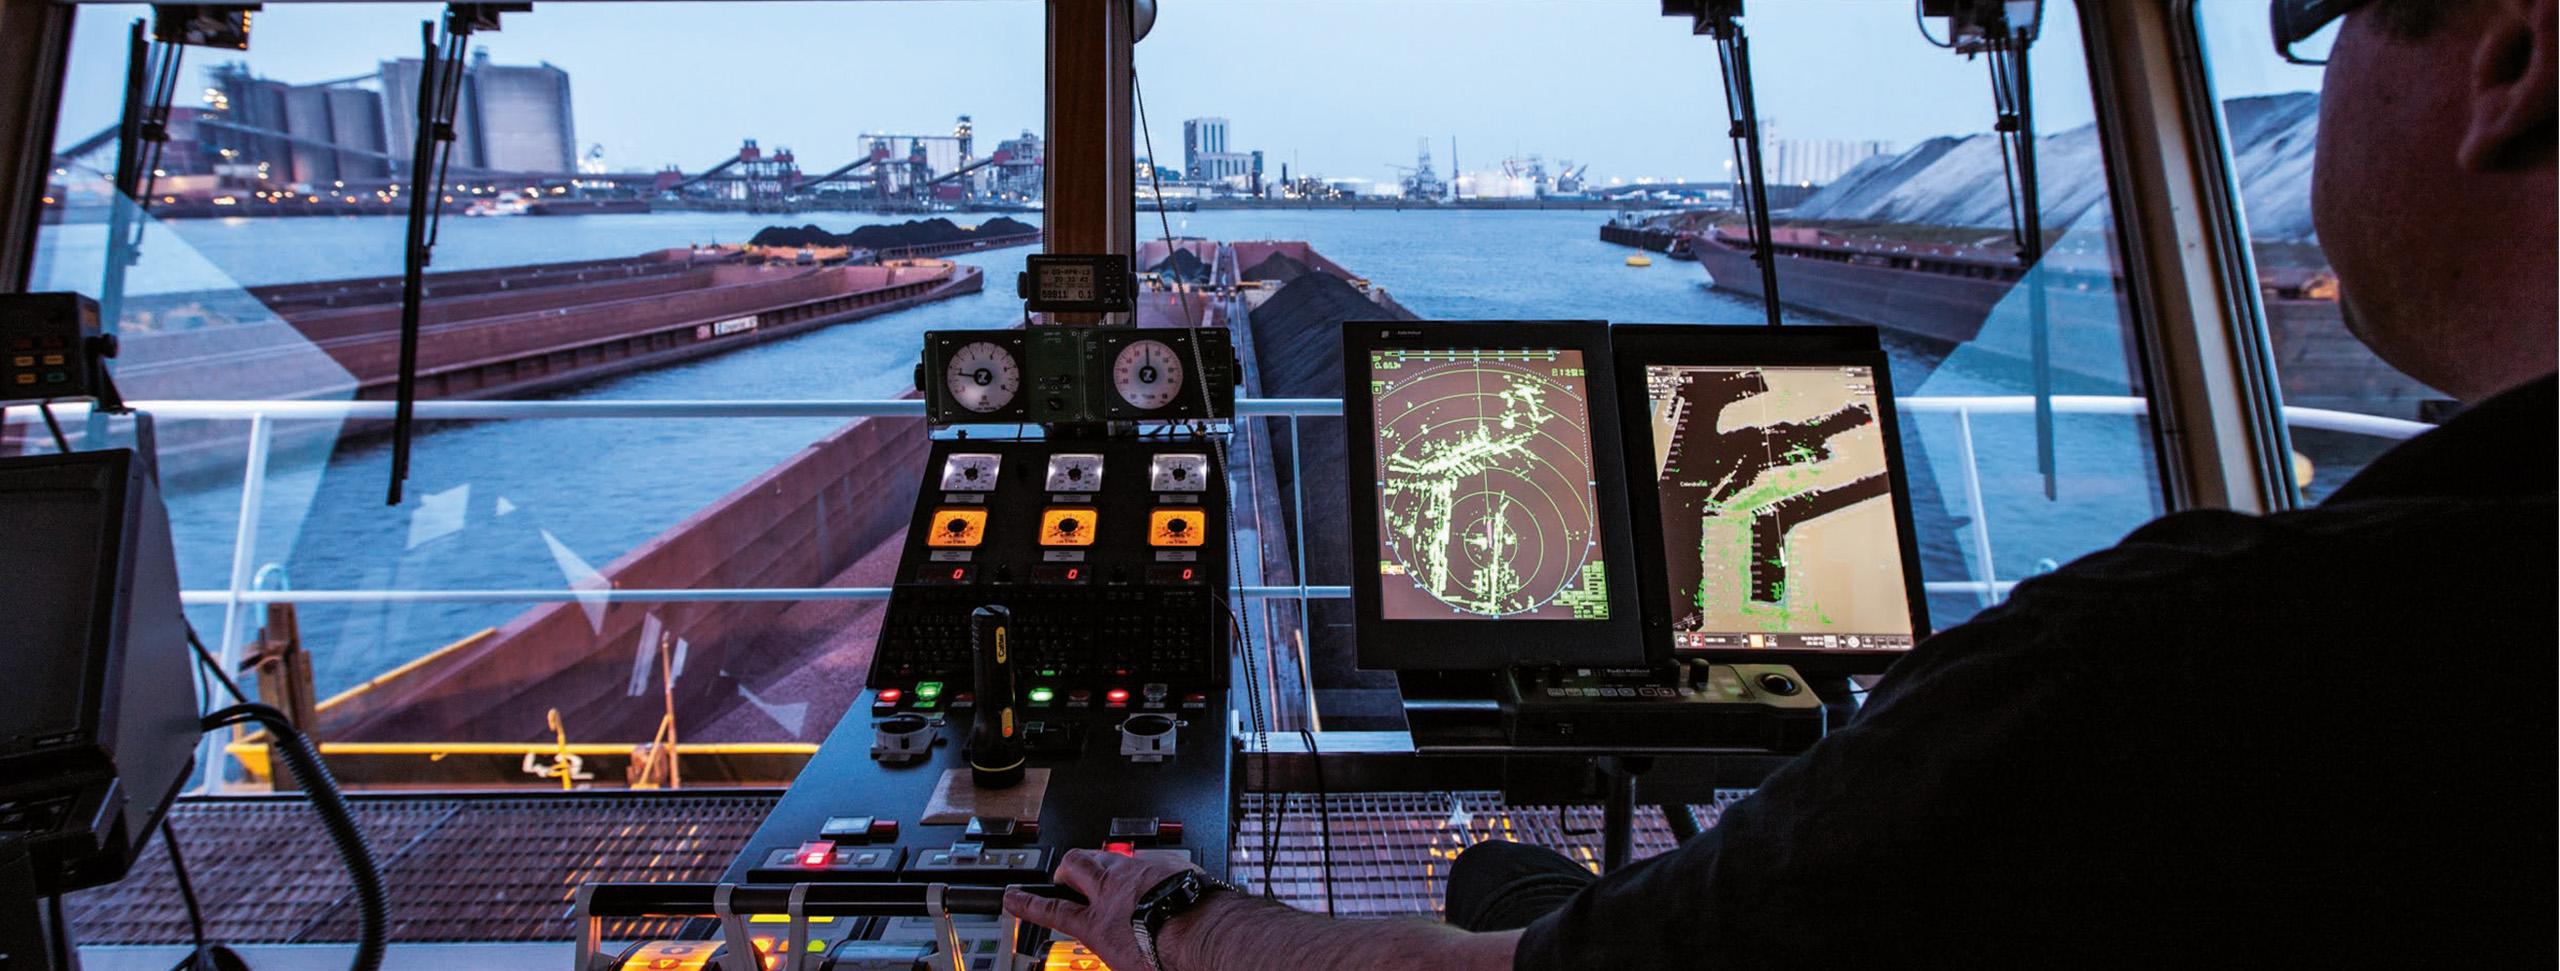 HGK Shipping Steuerhaus Herkules Boot